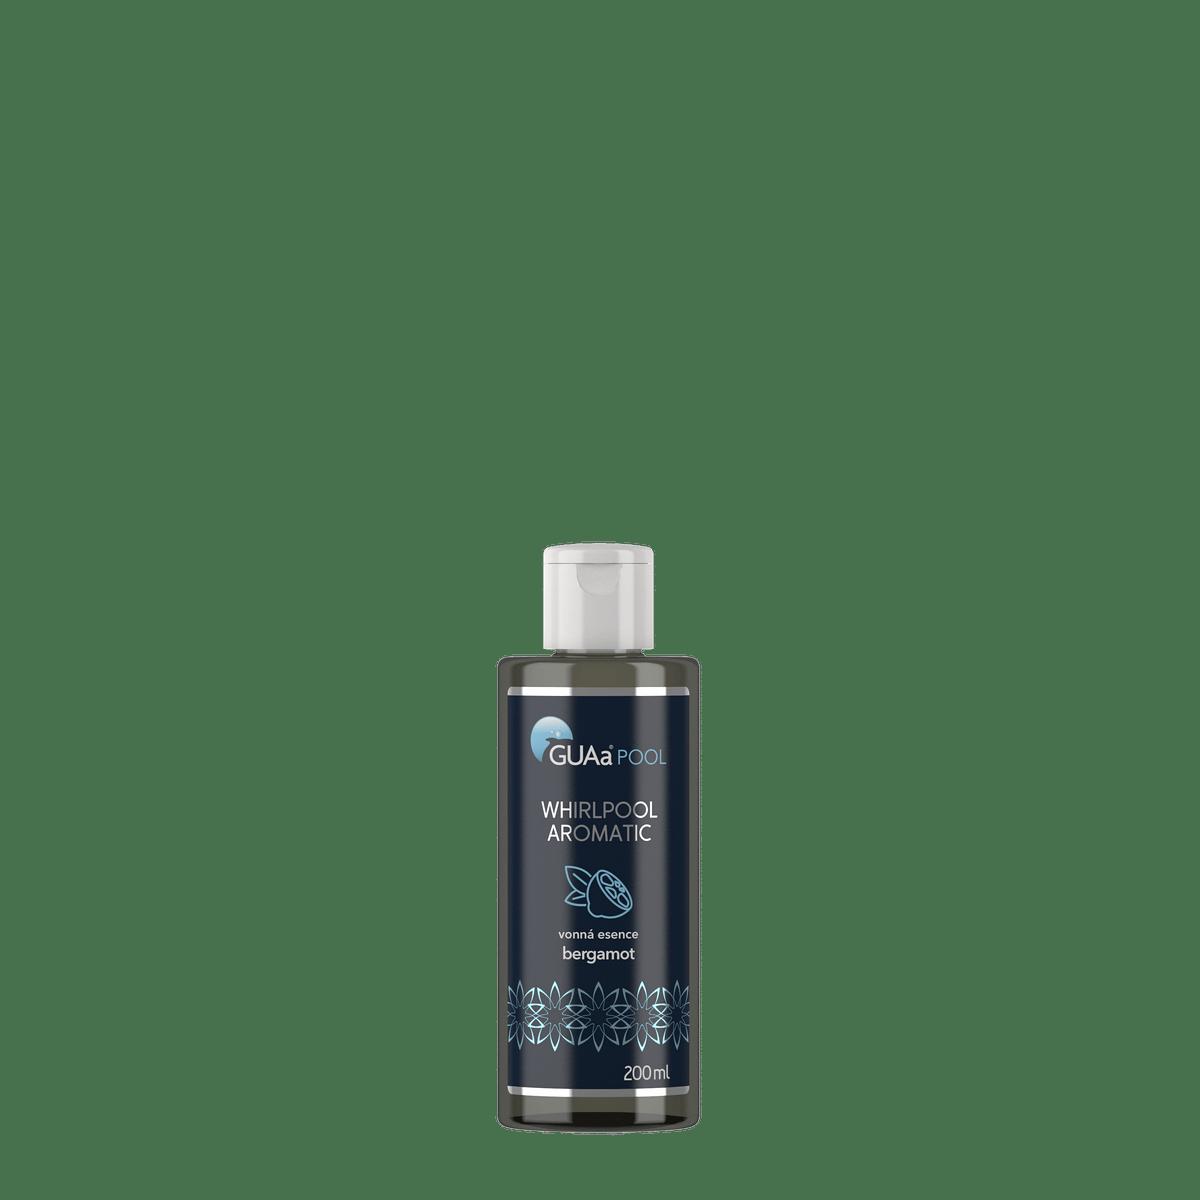 GUAa POOL WHIRLPOOL AROMATIC - Bergamot - vonná esence pro vířivé a masážní vany